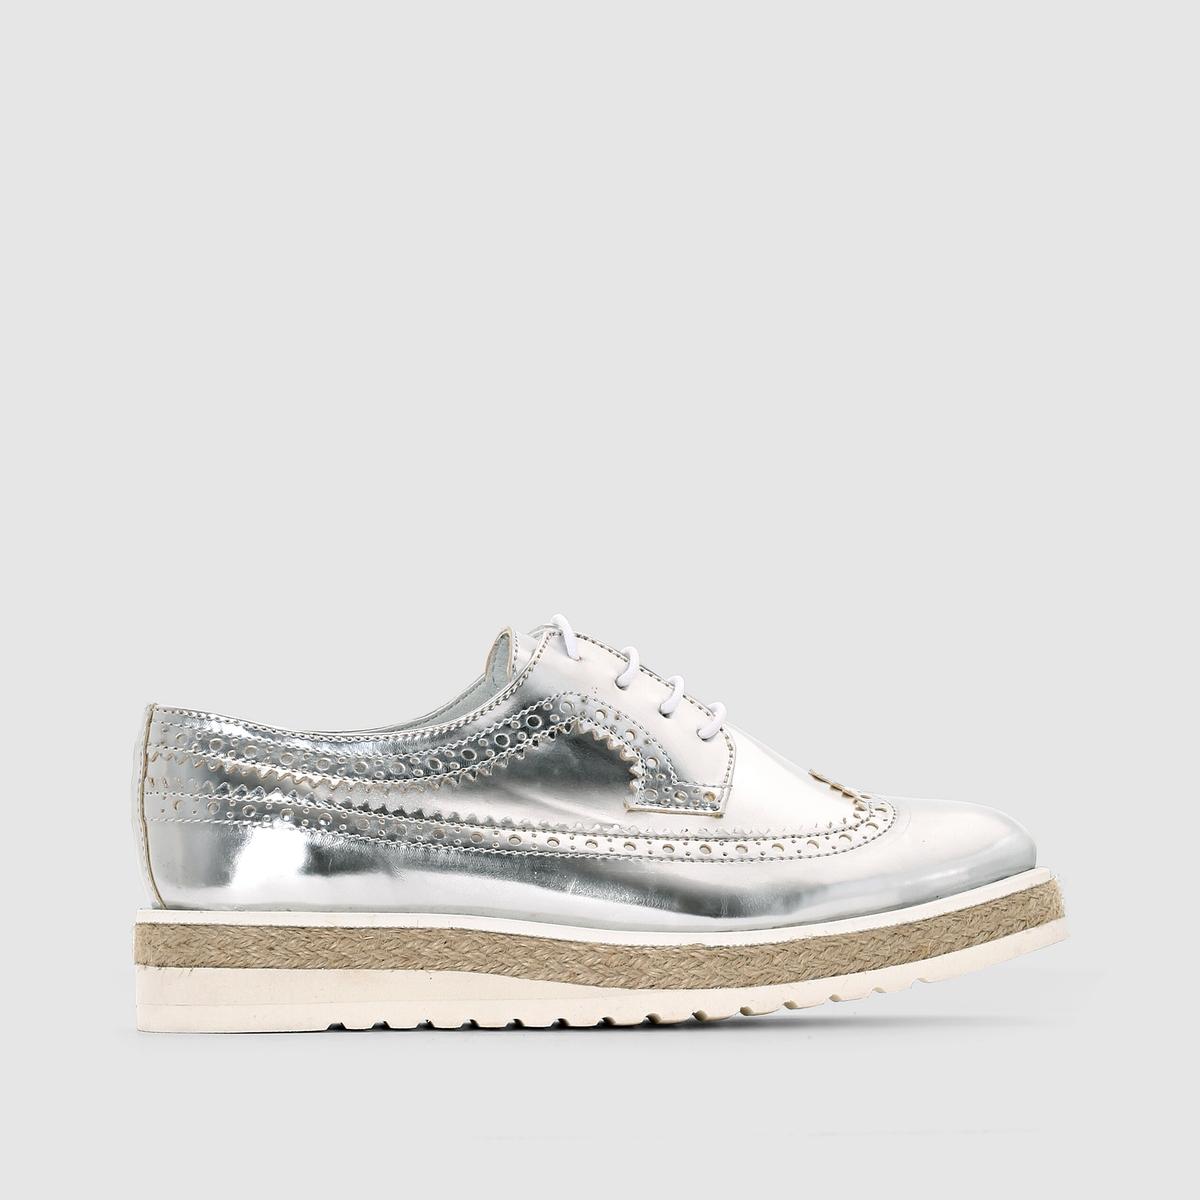 Ботинки-дербиЗастежка: без застежкиПреимущества: серебристый верх и бечевка на подошве - ботинки для самых экстравагантных!<br><br>Цвет: серебристый<br>Размер: 37